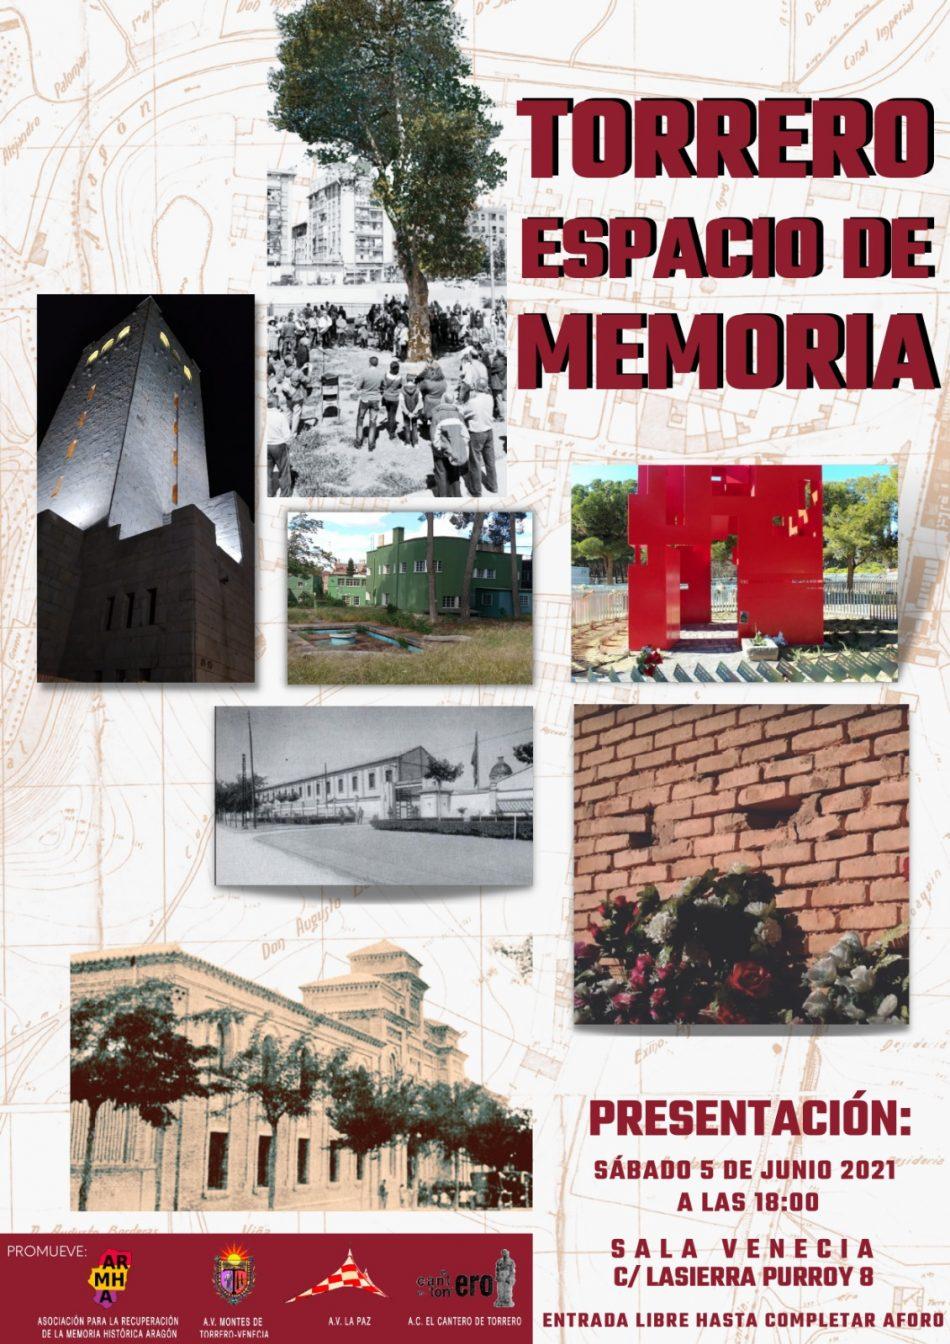 Presentación del proyecto «Torrero Espacio de Memoria» en Zaragoza